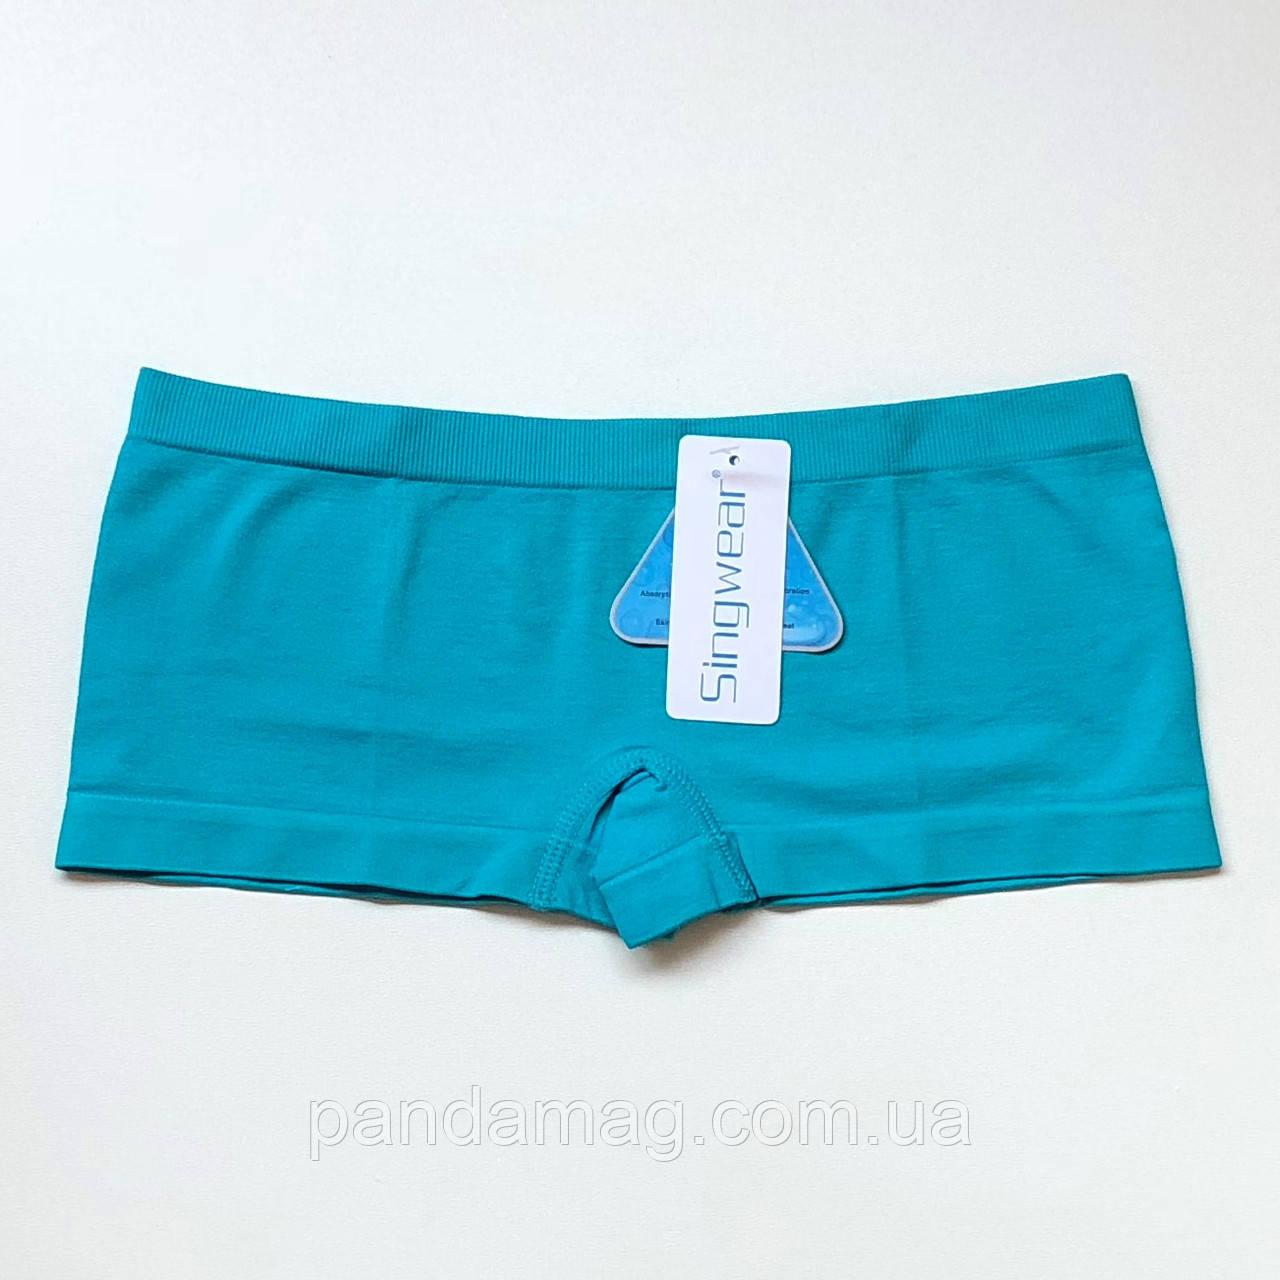 Трусики женские шорты бесшовные бирюзовый